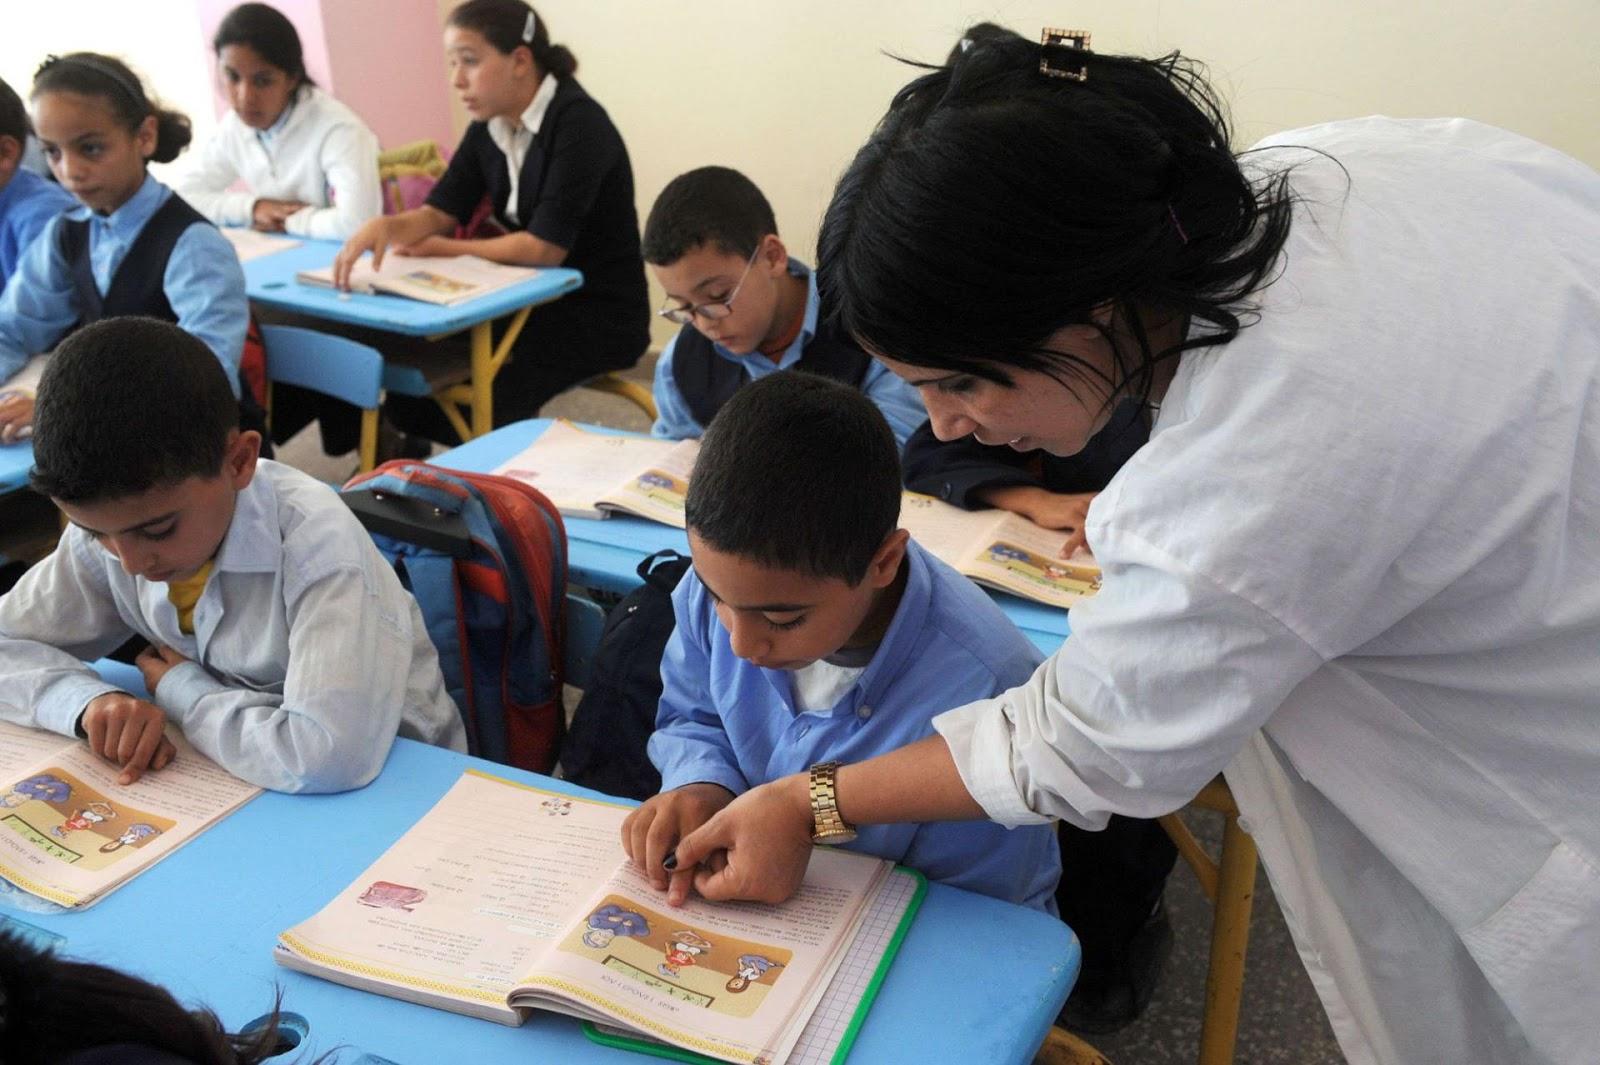 دوو الاحتياجات الخاصة خارج اقسام الدراسة فين هدوك لكيهضرو على تحية الاطر التربوية والمسؤولين على التعليم